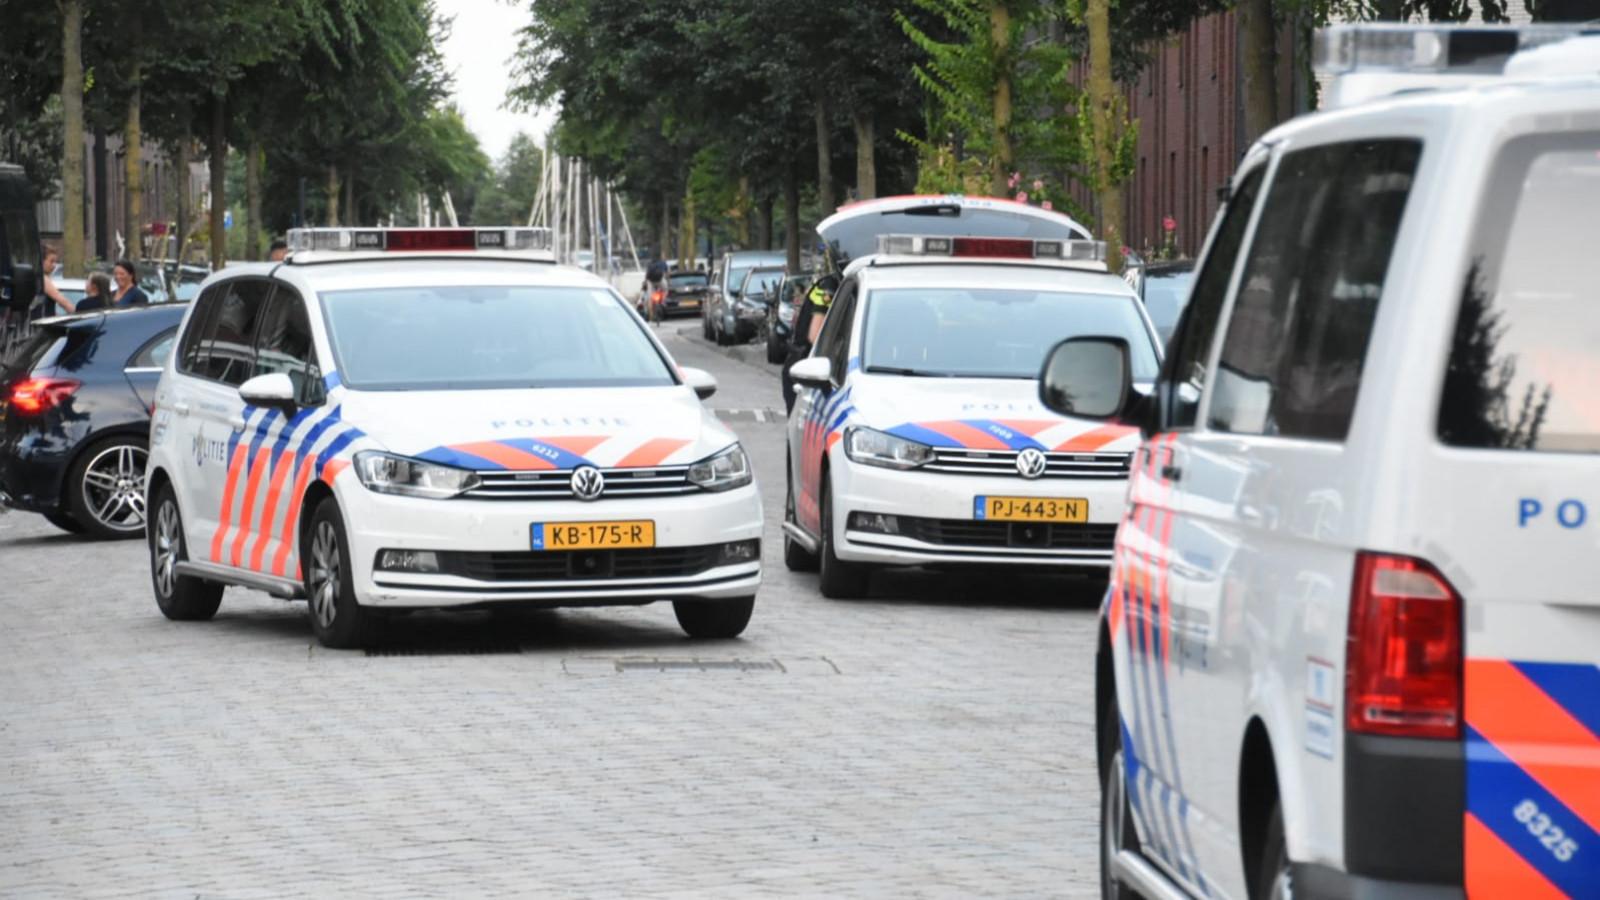 Politieheli Vliegt Tijd Boven Ijburg Na Melding Van Jongens Met